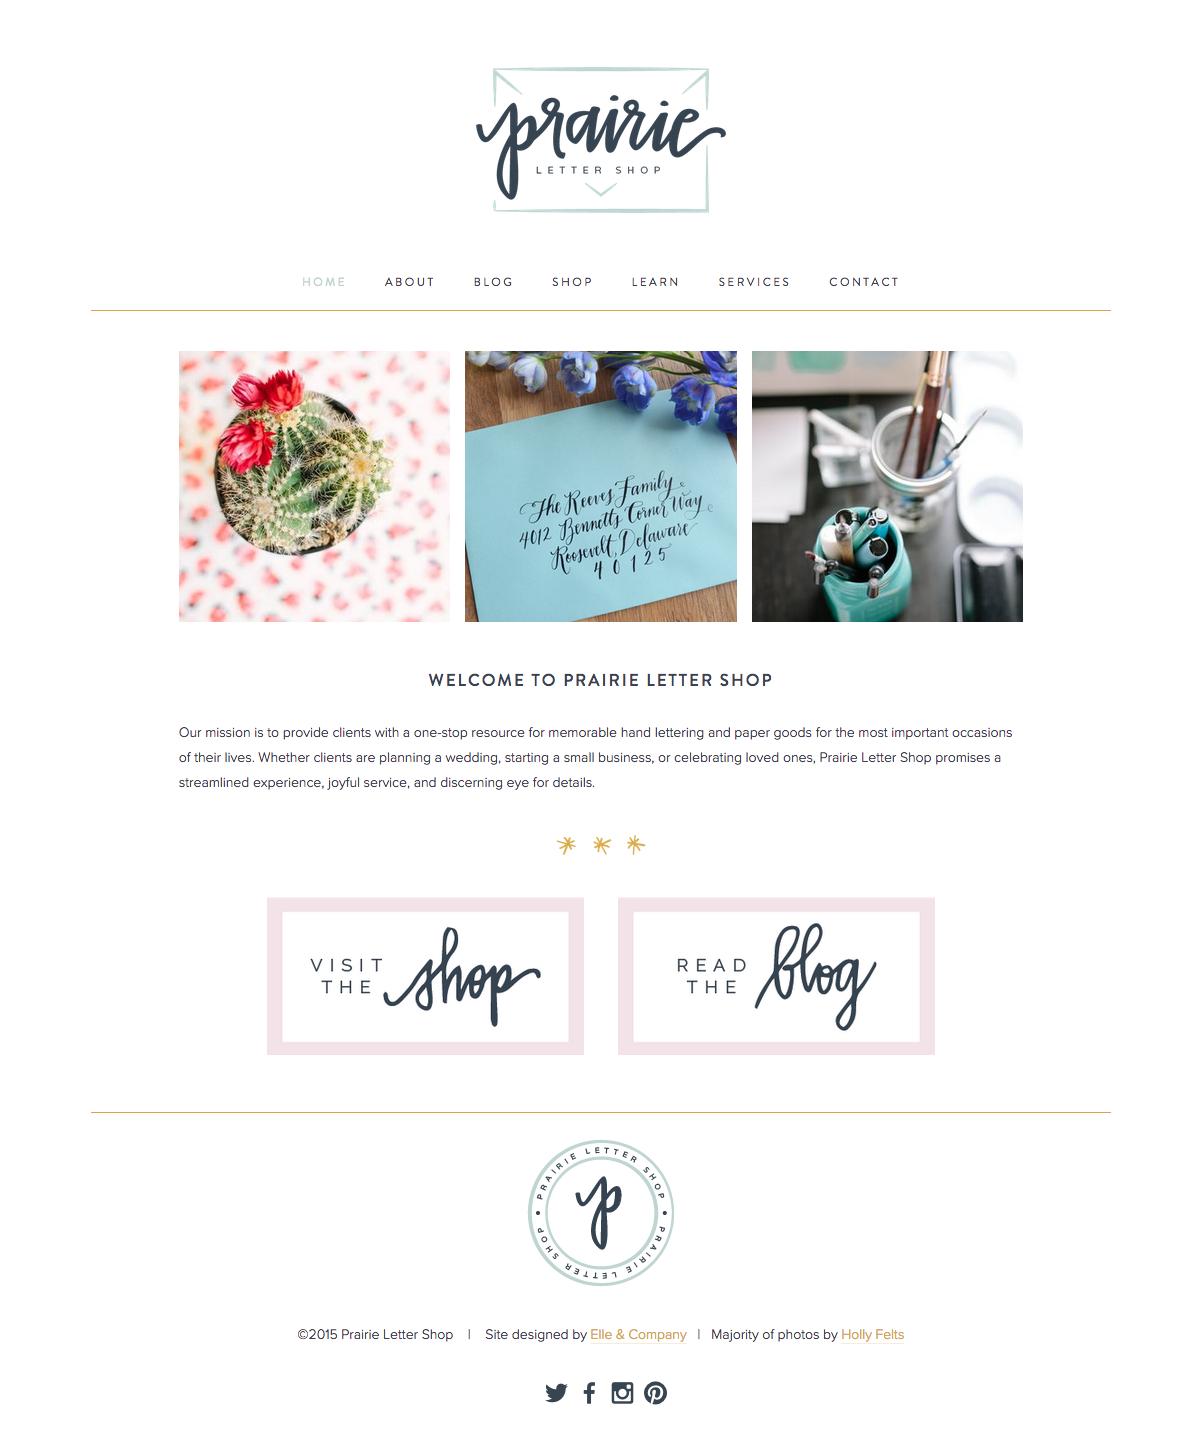 New Brand + Website Design for Prairie Letter Shop | Elle & Company